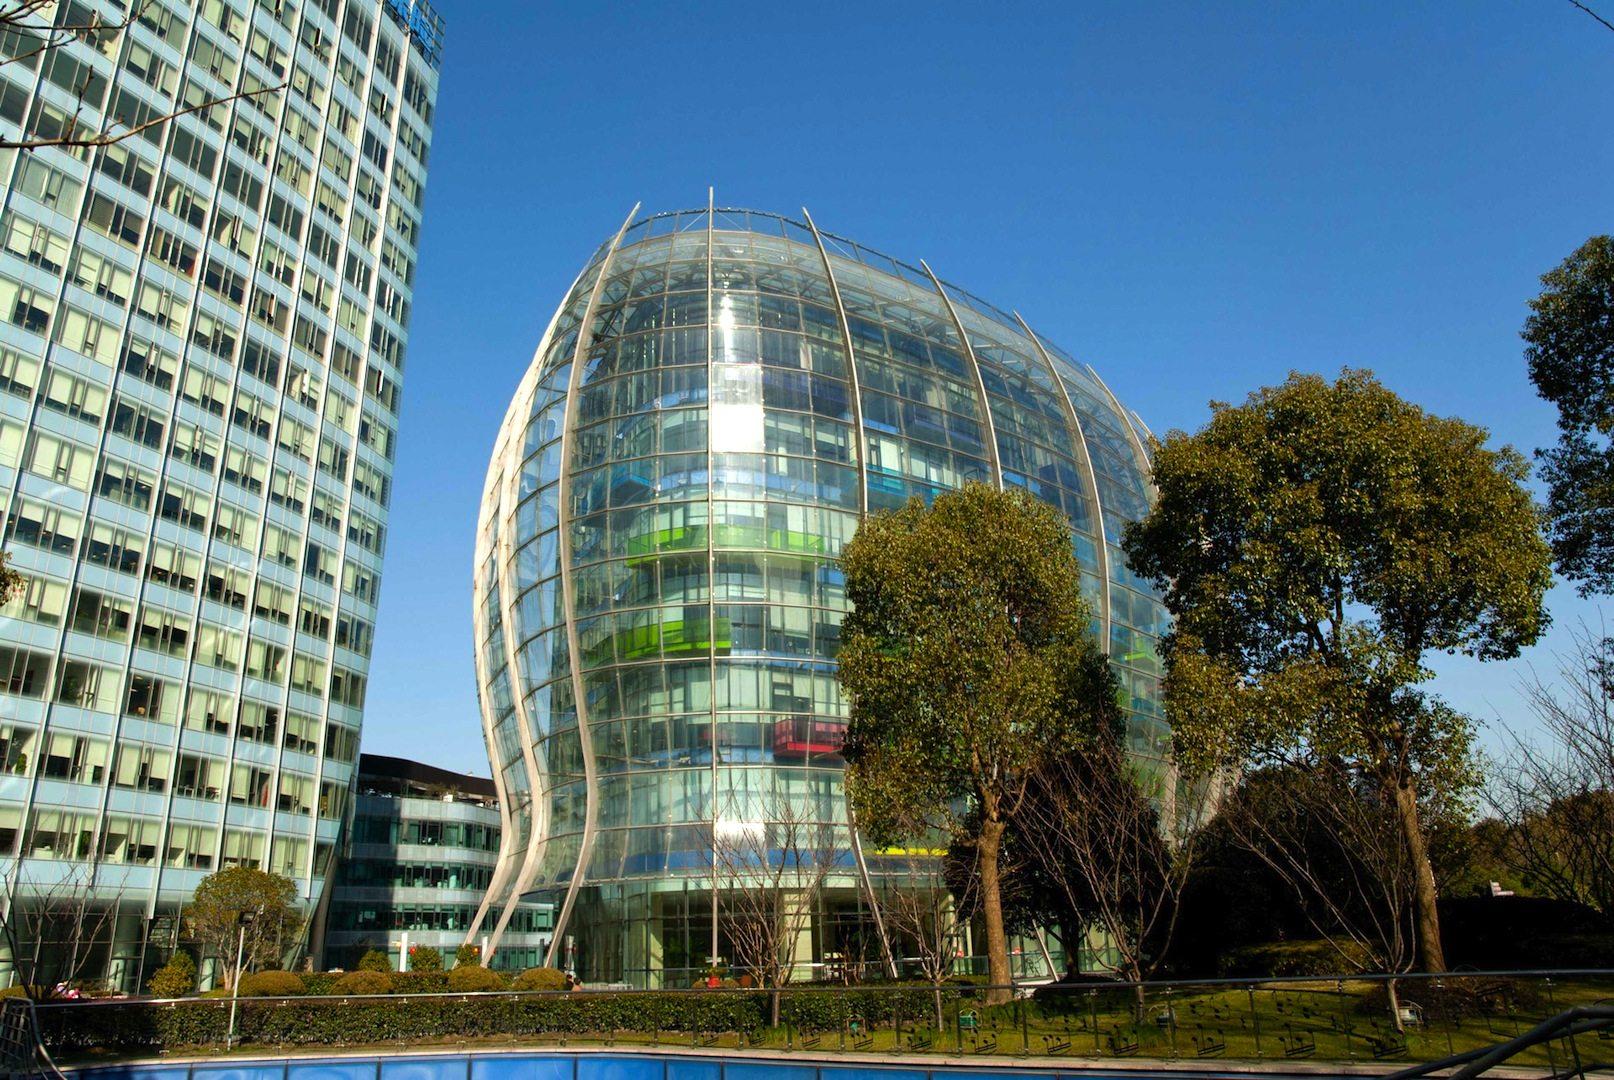 """Shanghai Port International Cruise Terminal. 2010 – Shanghai, Puxi, Hongkou. Von Spark Architects. Auffallend an dem Gebäude ist der Ausstellungsraum """"Shanghai Chandelier"""", das neben einer spektakulären Formensprache auch durch ein stimmiges Nachhaltigkeitskonzept überrascht. So werden bei dem Projekt erneuerbare Energien eingesetzt, wie zum Beispiel eine Technologie, die als erstes das nahegelegene Flusswasser für ein Gebäude-Kühlsystem nutzt."""